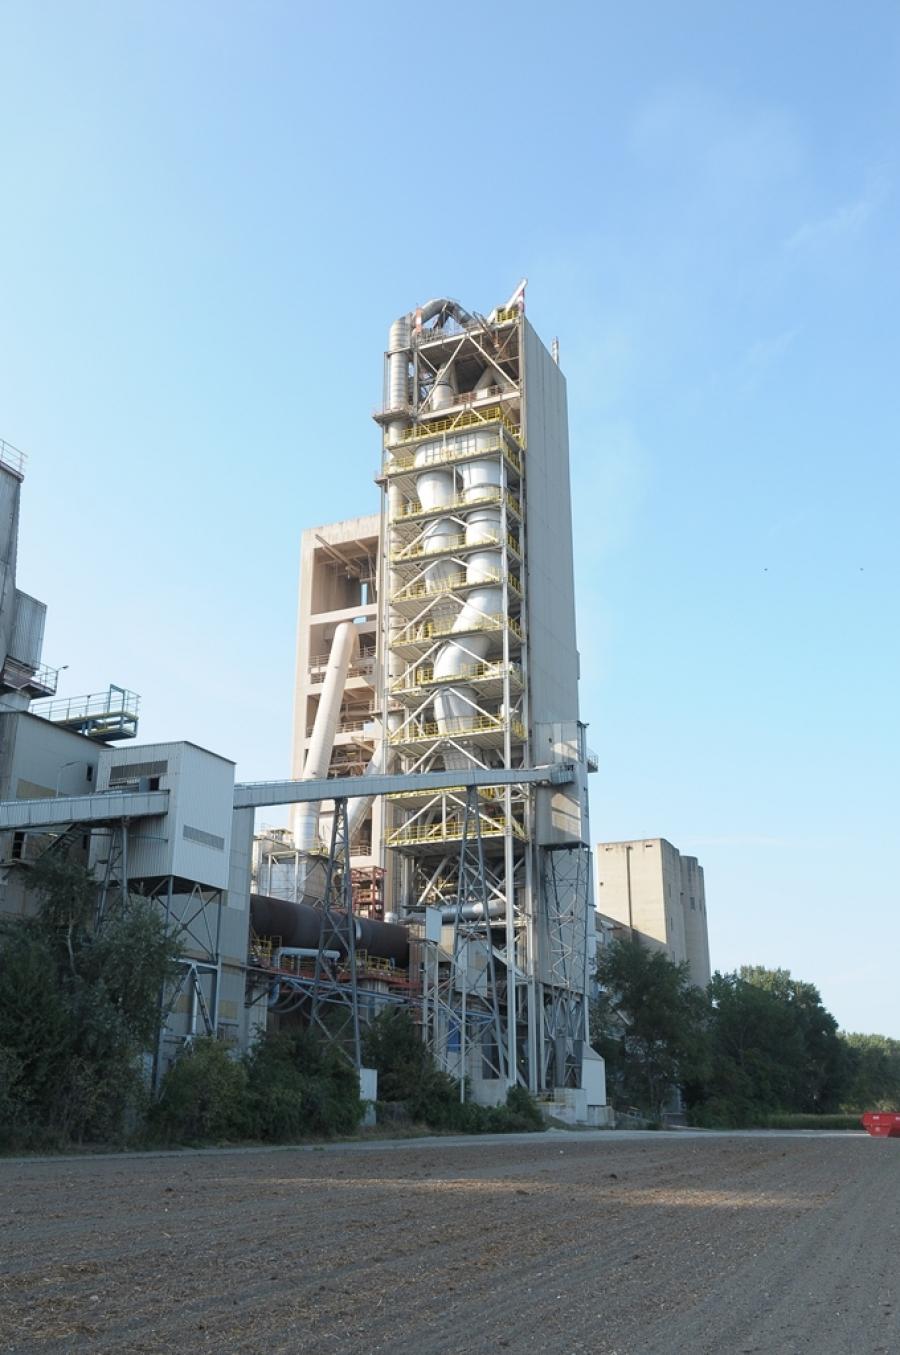 Zementwerk Mannersdorf mit dem Kalzinator von A TEC im Vordergrund